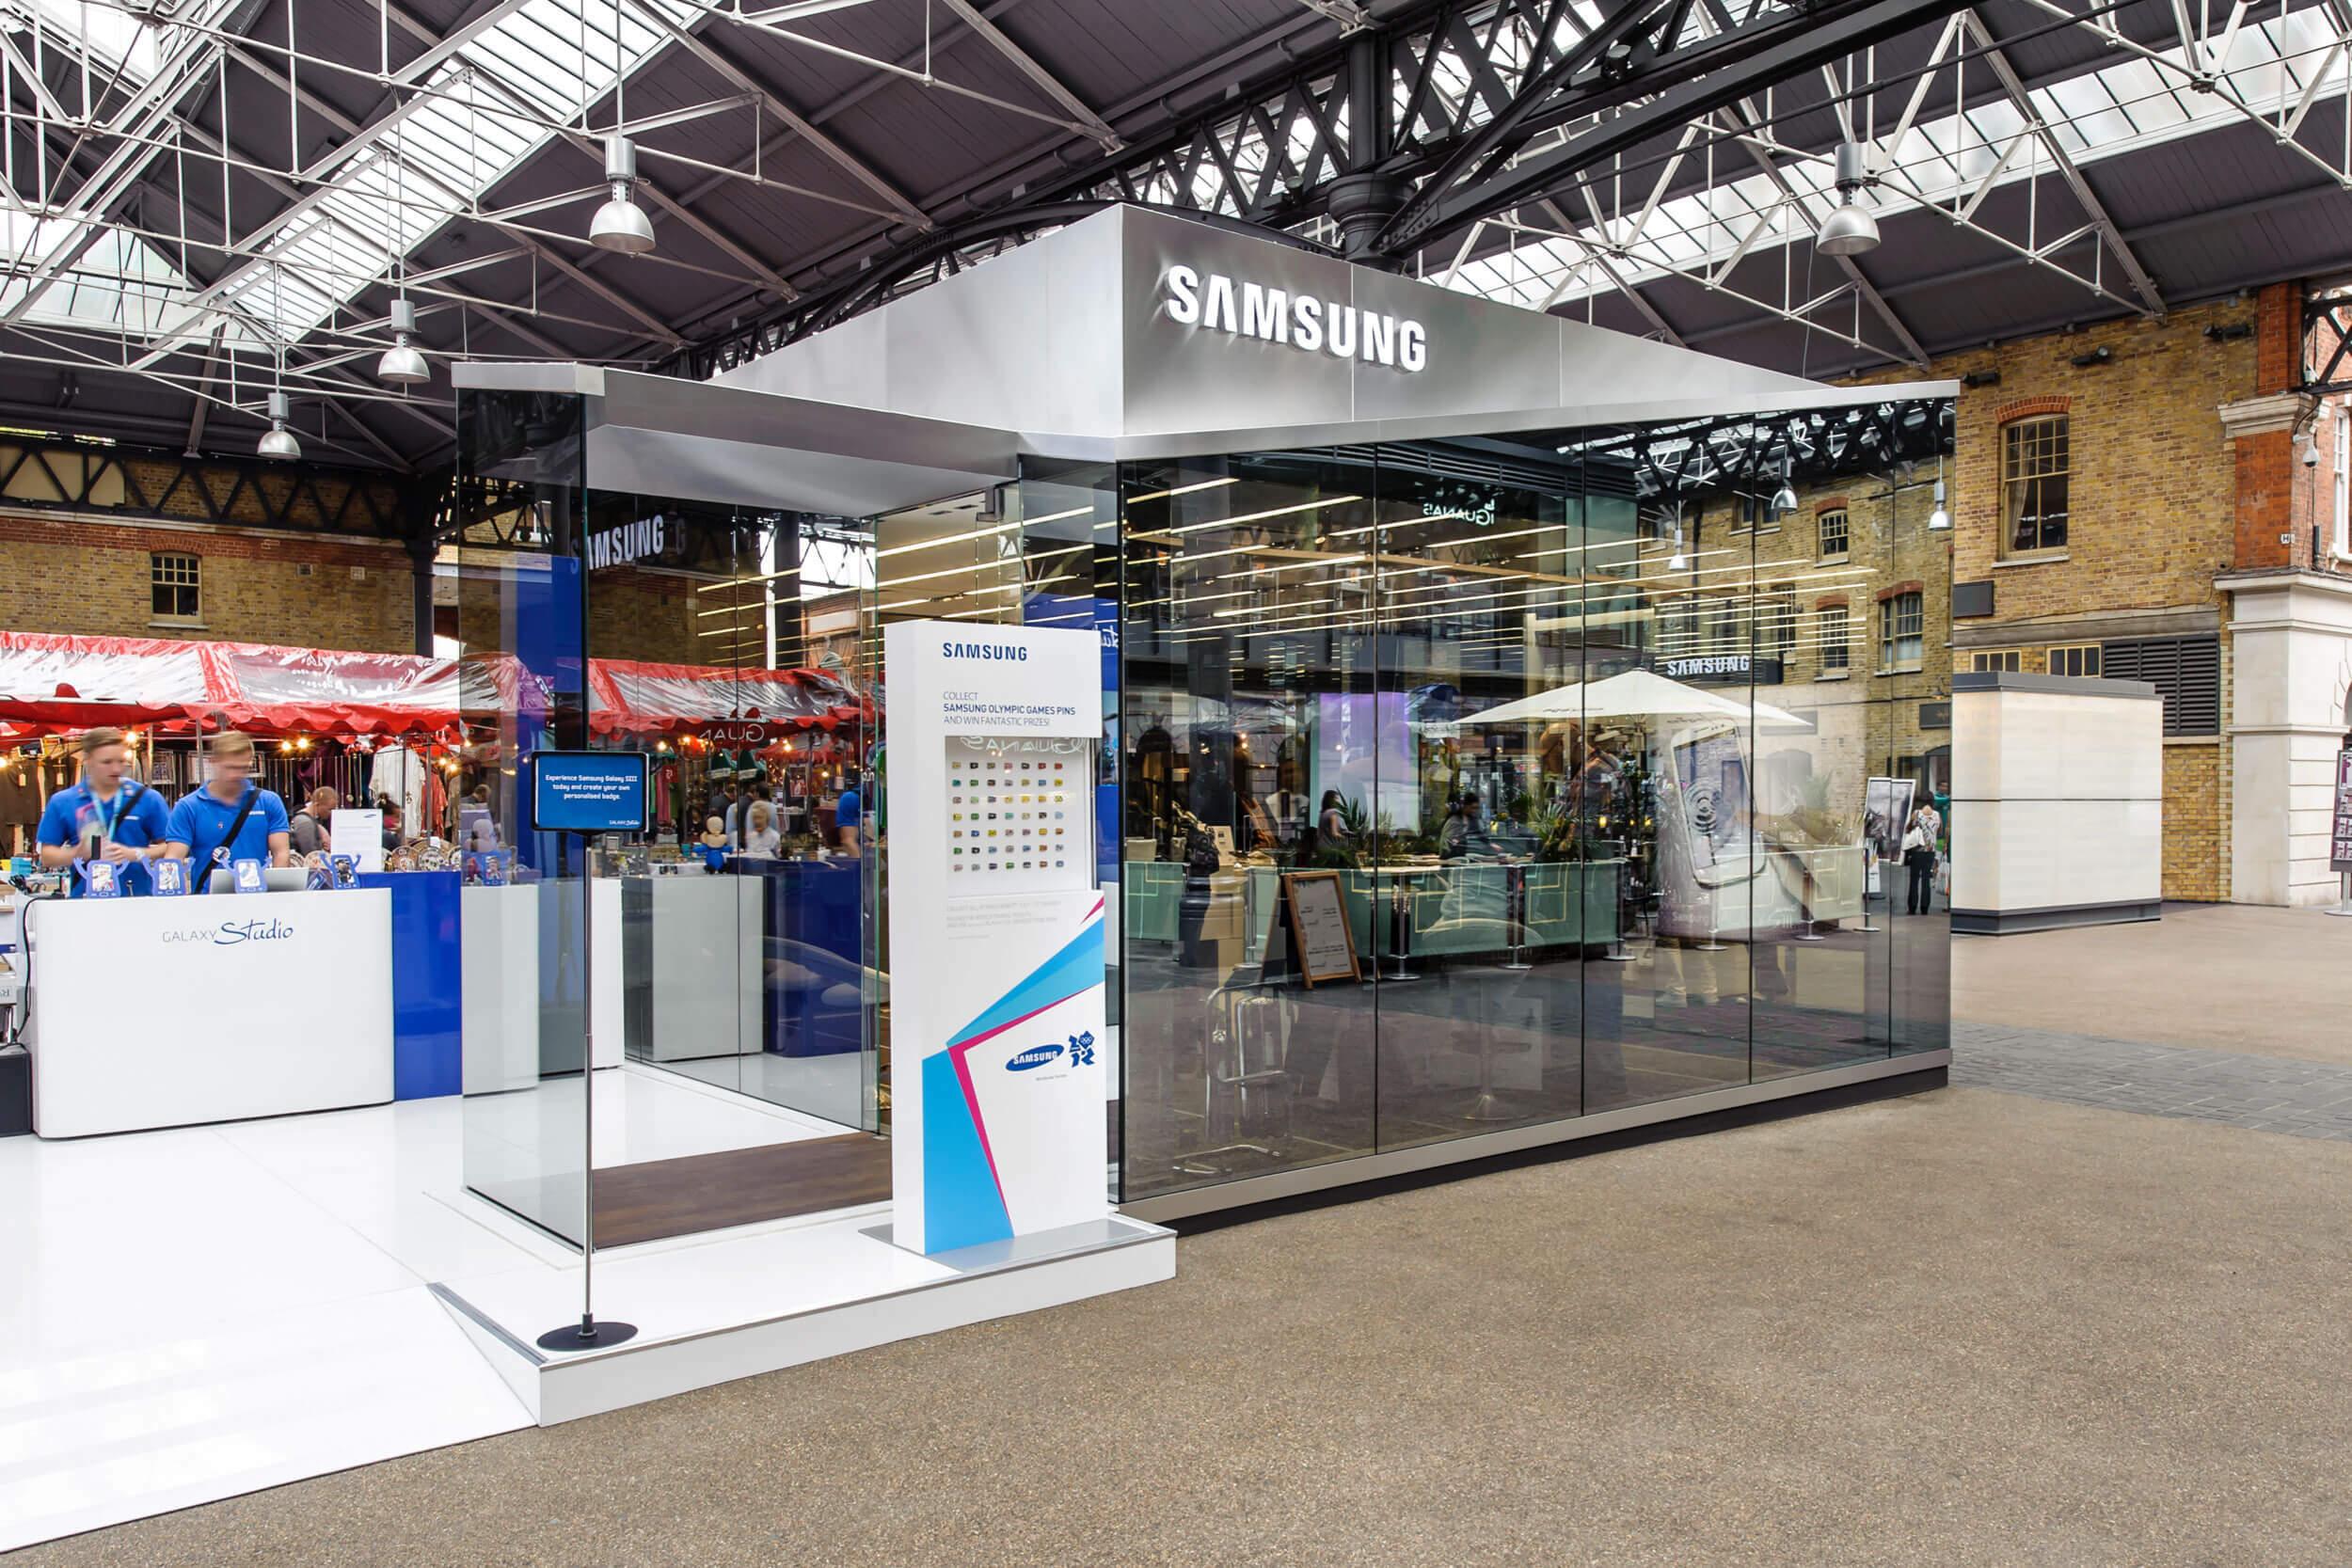 Informationsstand auf dem Gelände des Samsung Olympic Park